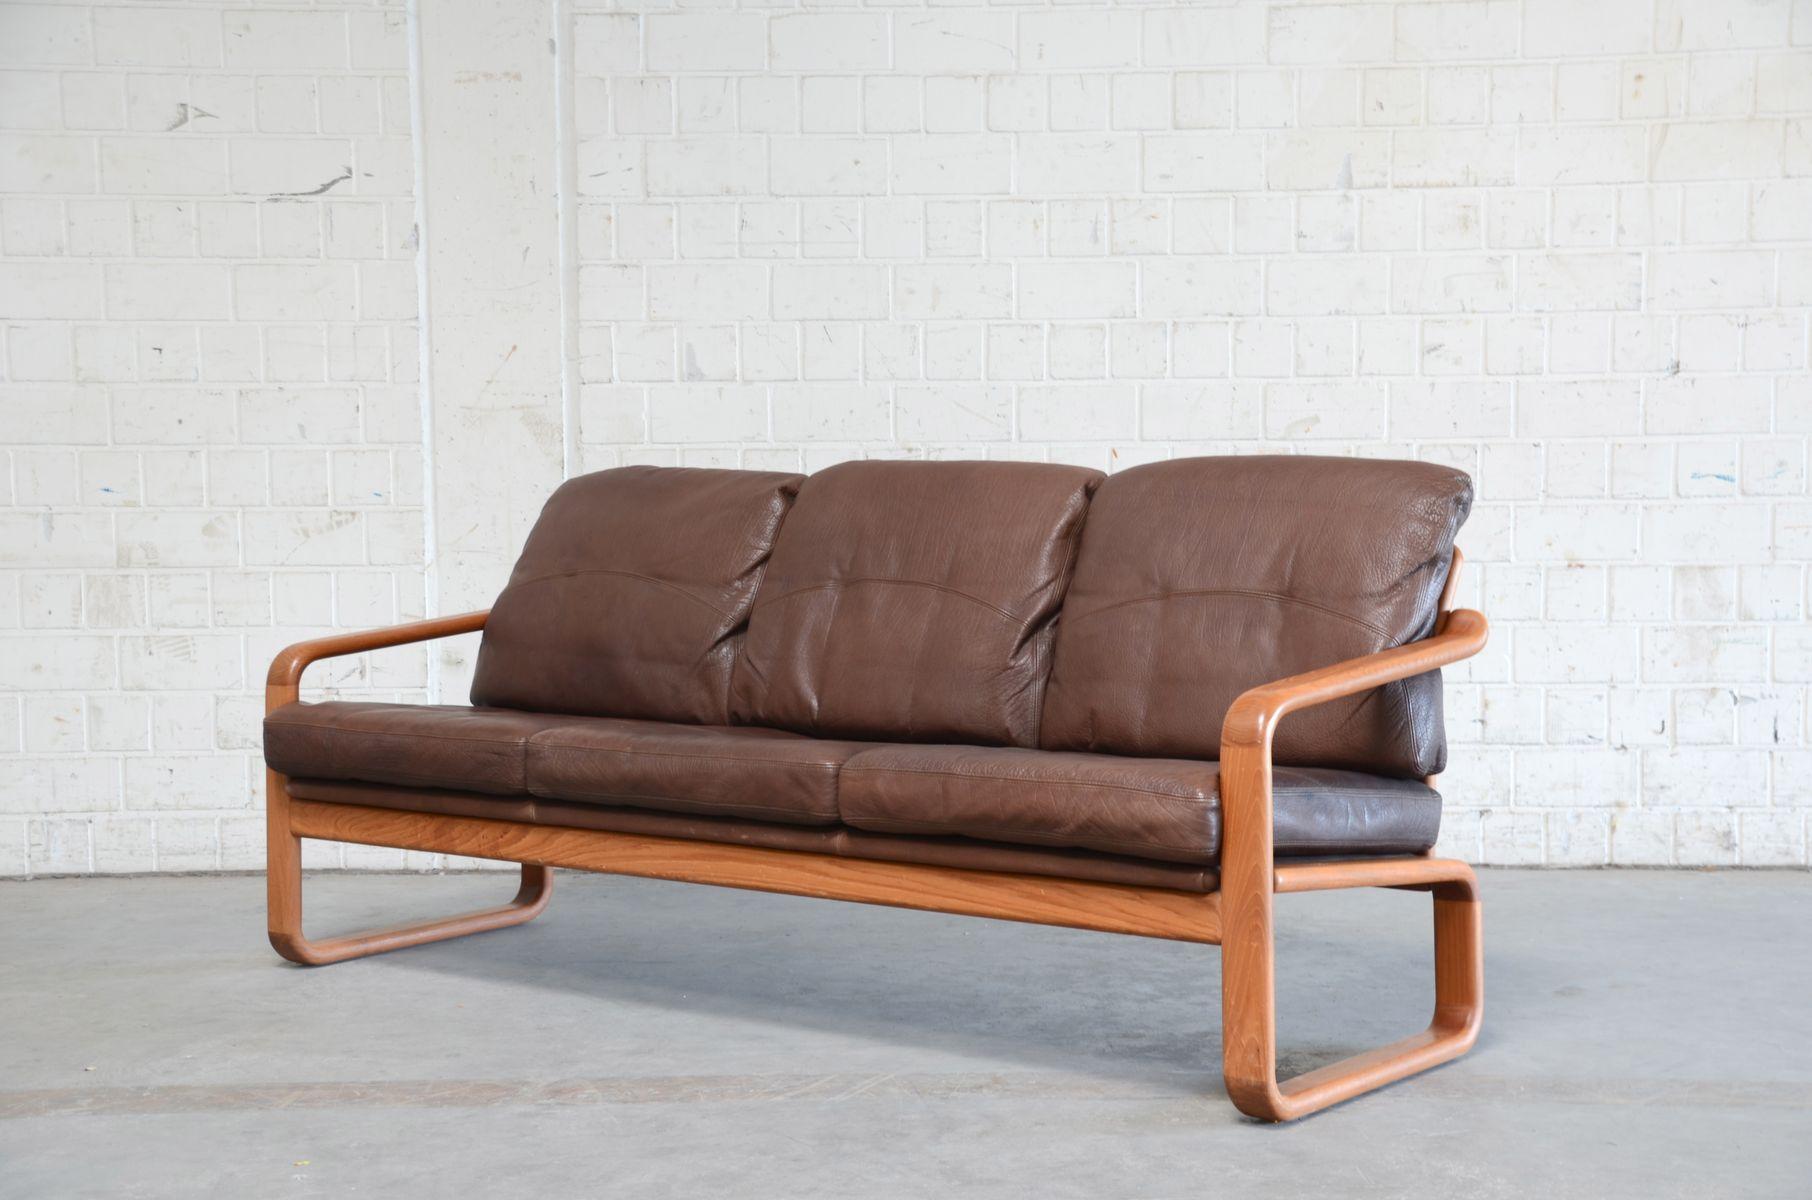 vintage sofa aus braunem leder teak von m belfabrik holstebro bei pamono kaufen. Black Bedroom Furniture Sets. Home Design Ideas